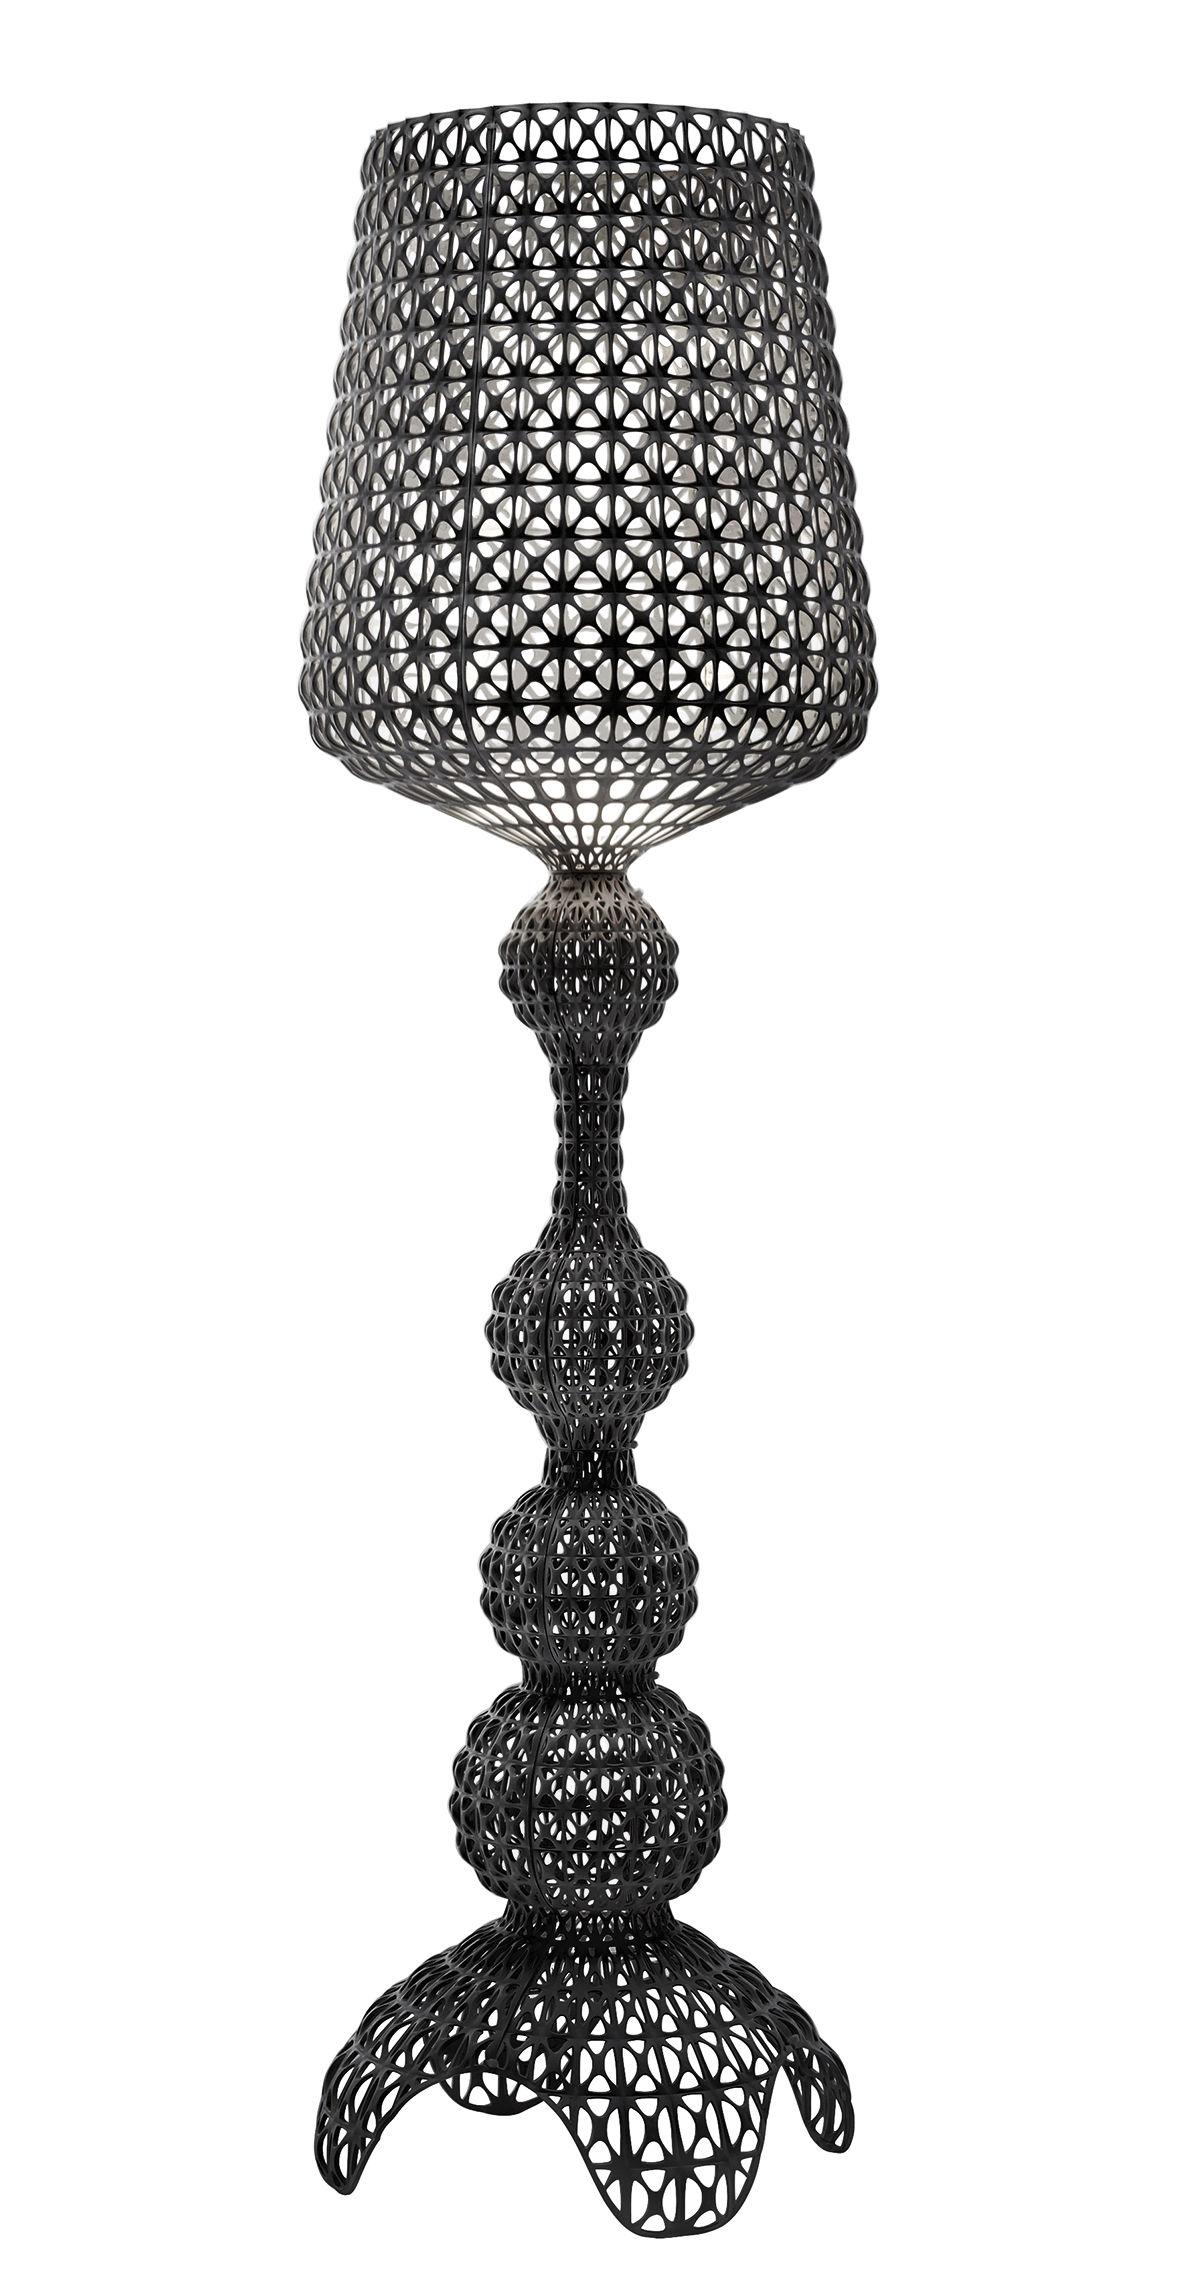 Luminaire - Lampadaires - Lampadaire Kabuki Indoor / LED - Pour l'intérieur - H 165 cm - Kartell - Noir opaque - Technopolymère thermoplastique